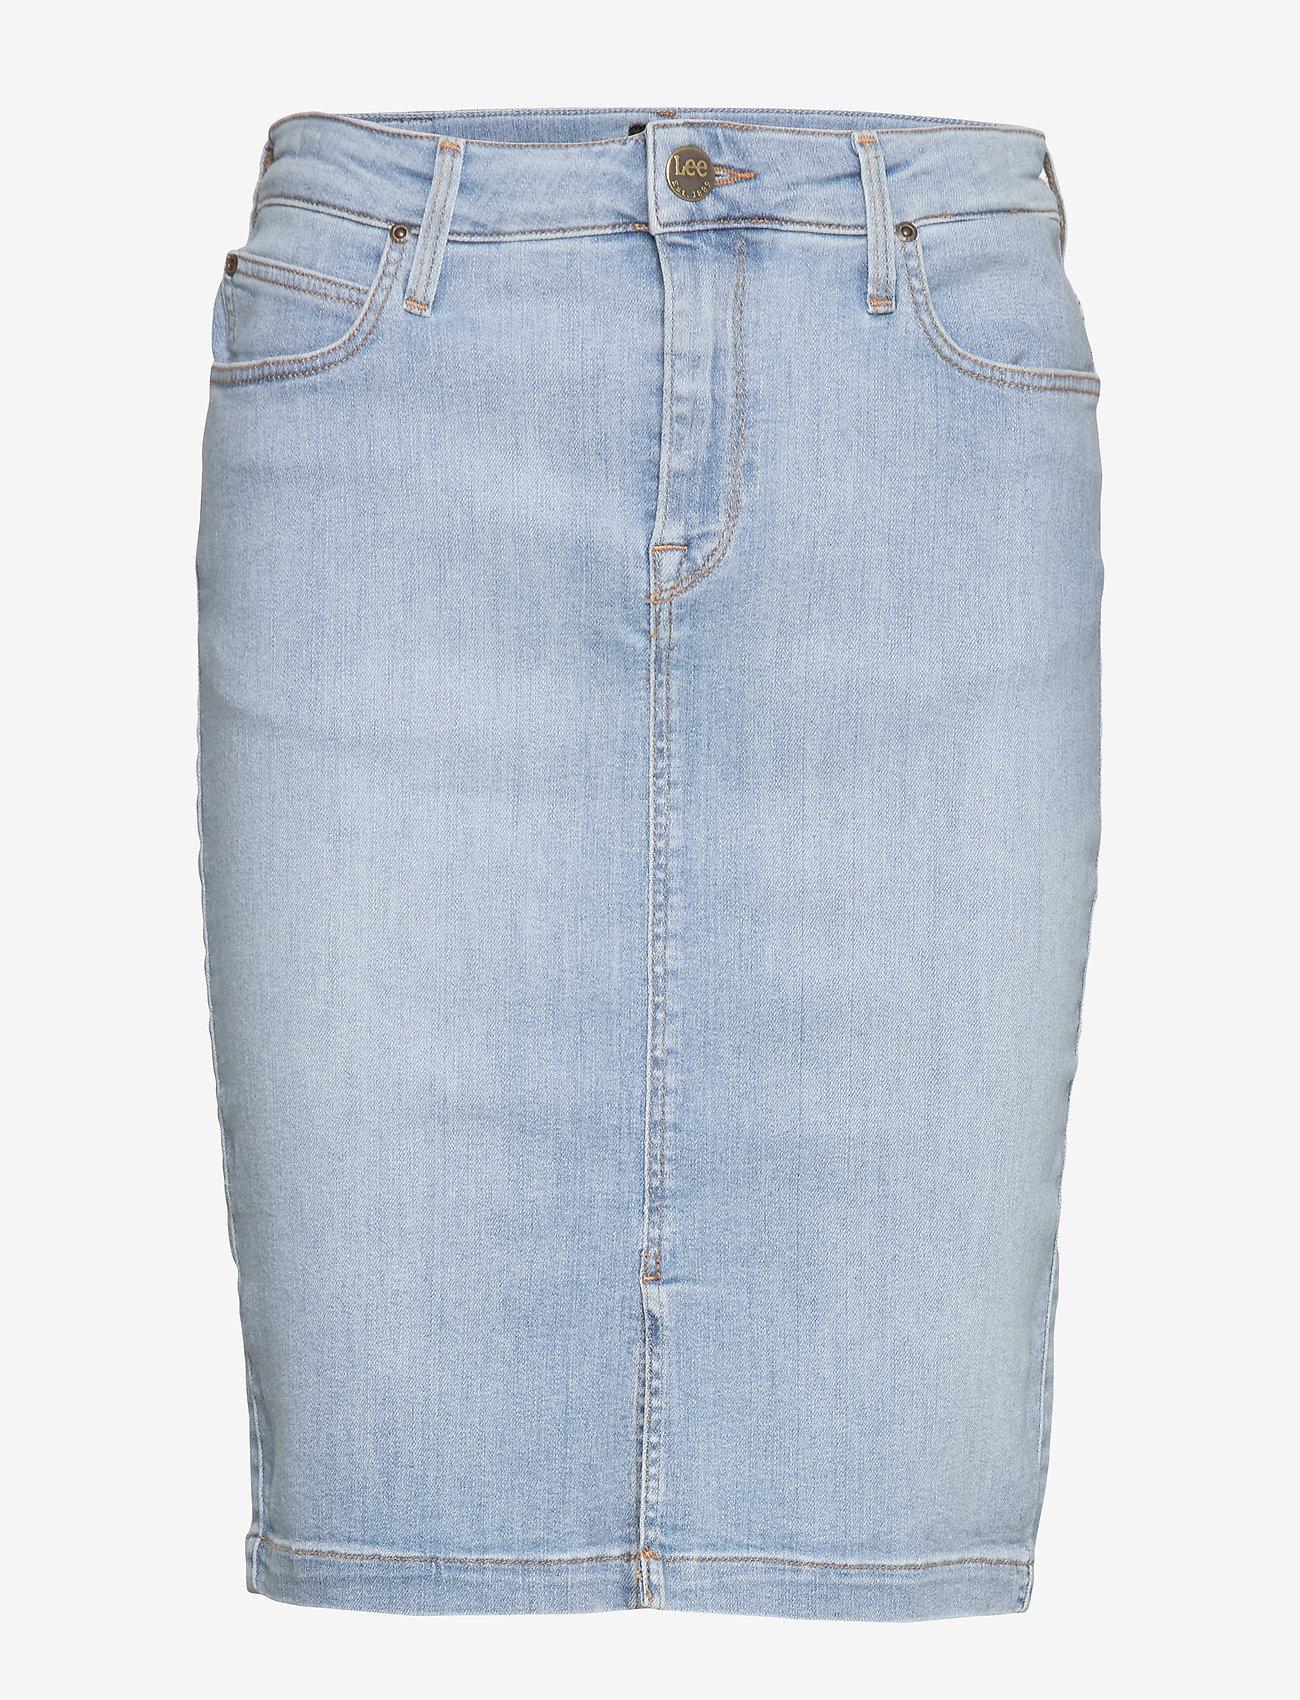 Lee Jeans - PENCIL SKIRT - denimskjørt - light coroval - 1